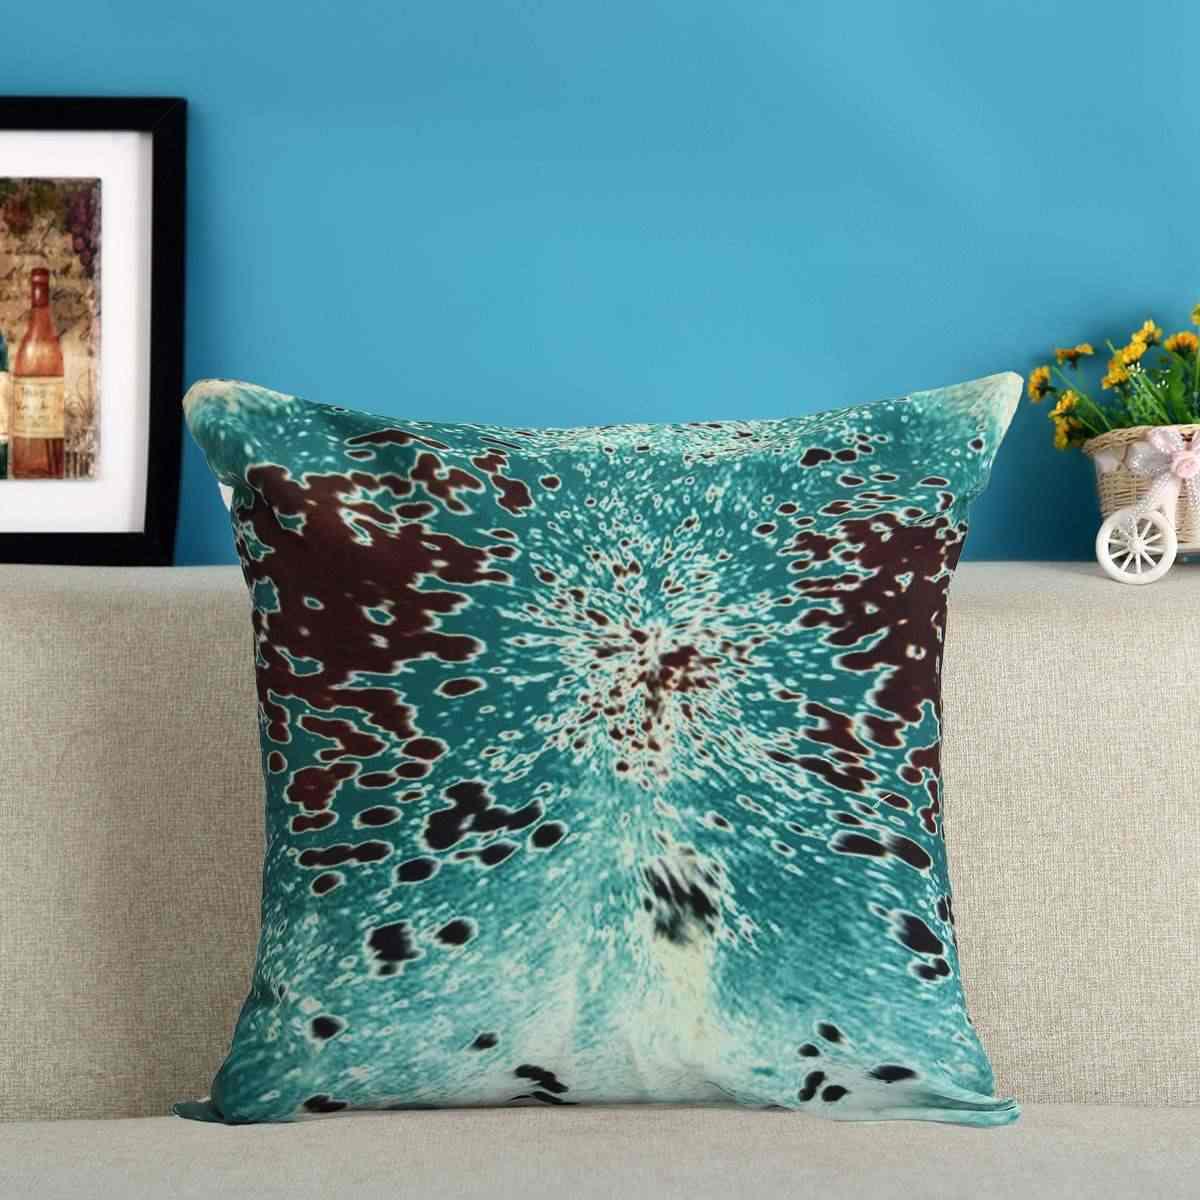 Ocean Coastal Turquoise Pillow Cover Cowhide Look Throw Cushion Case Sea Beach Nautical Canvas Material Decorative Pillowcase